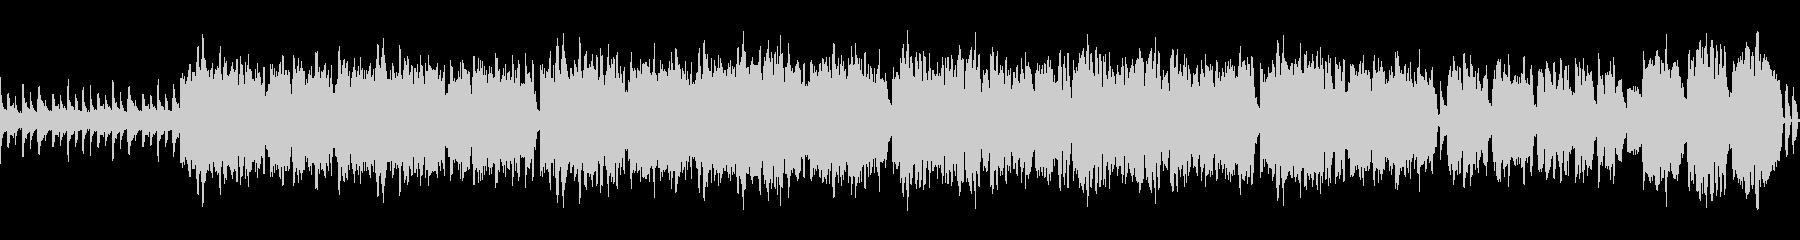 オカリナが旋律を奏でる牧歌的な曲の未再生の波形